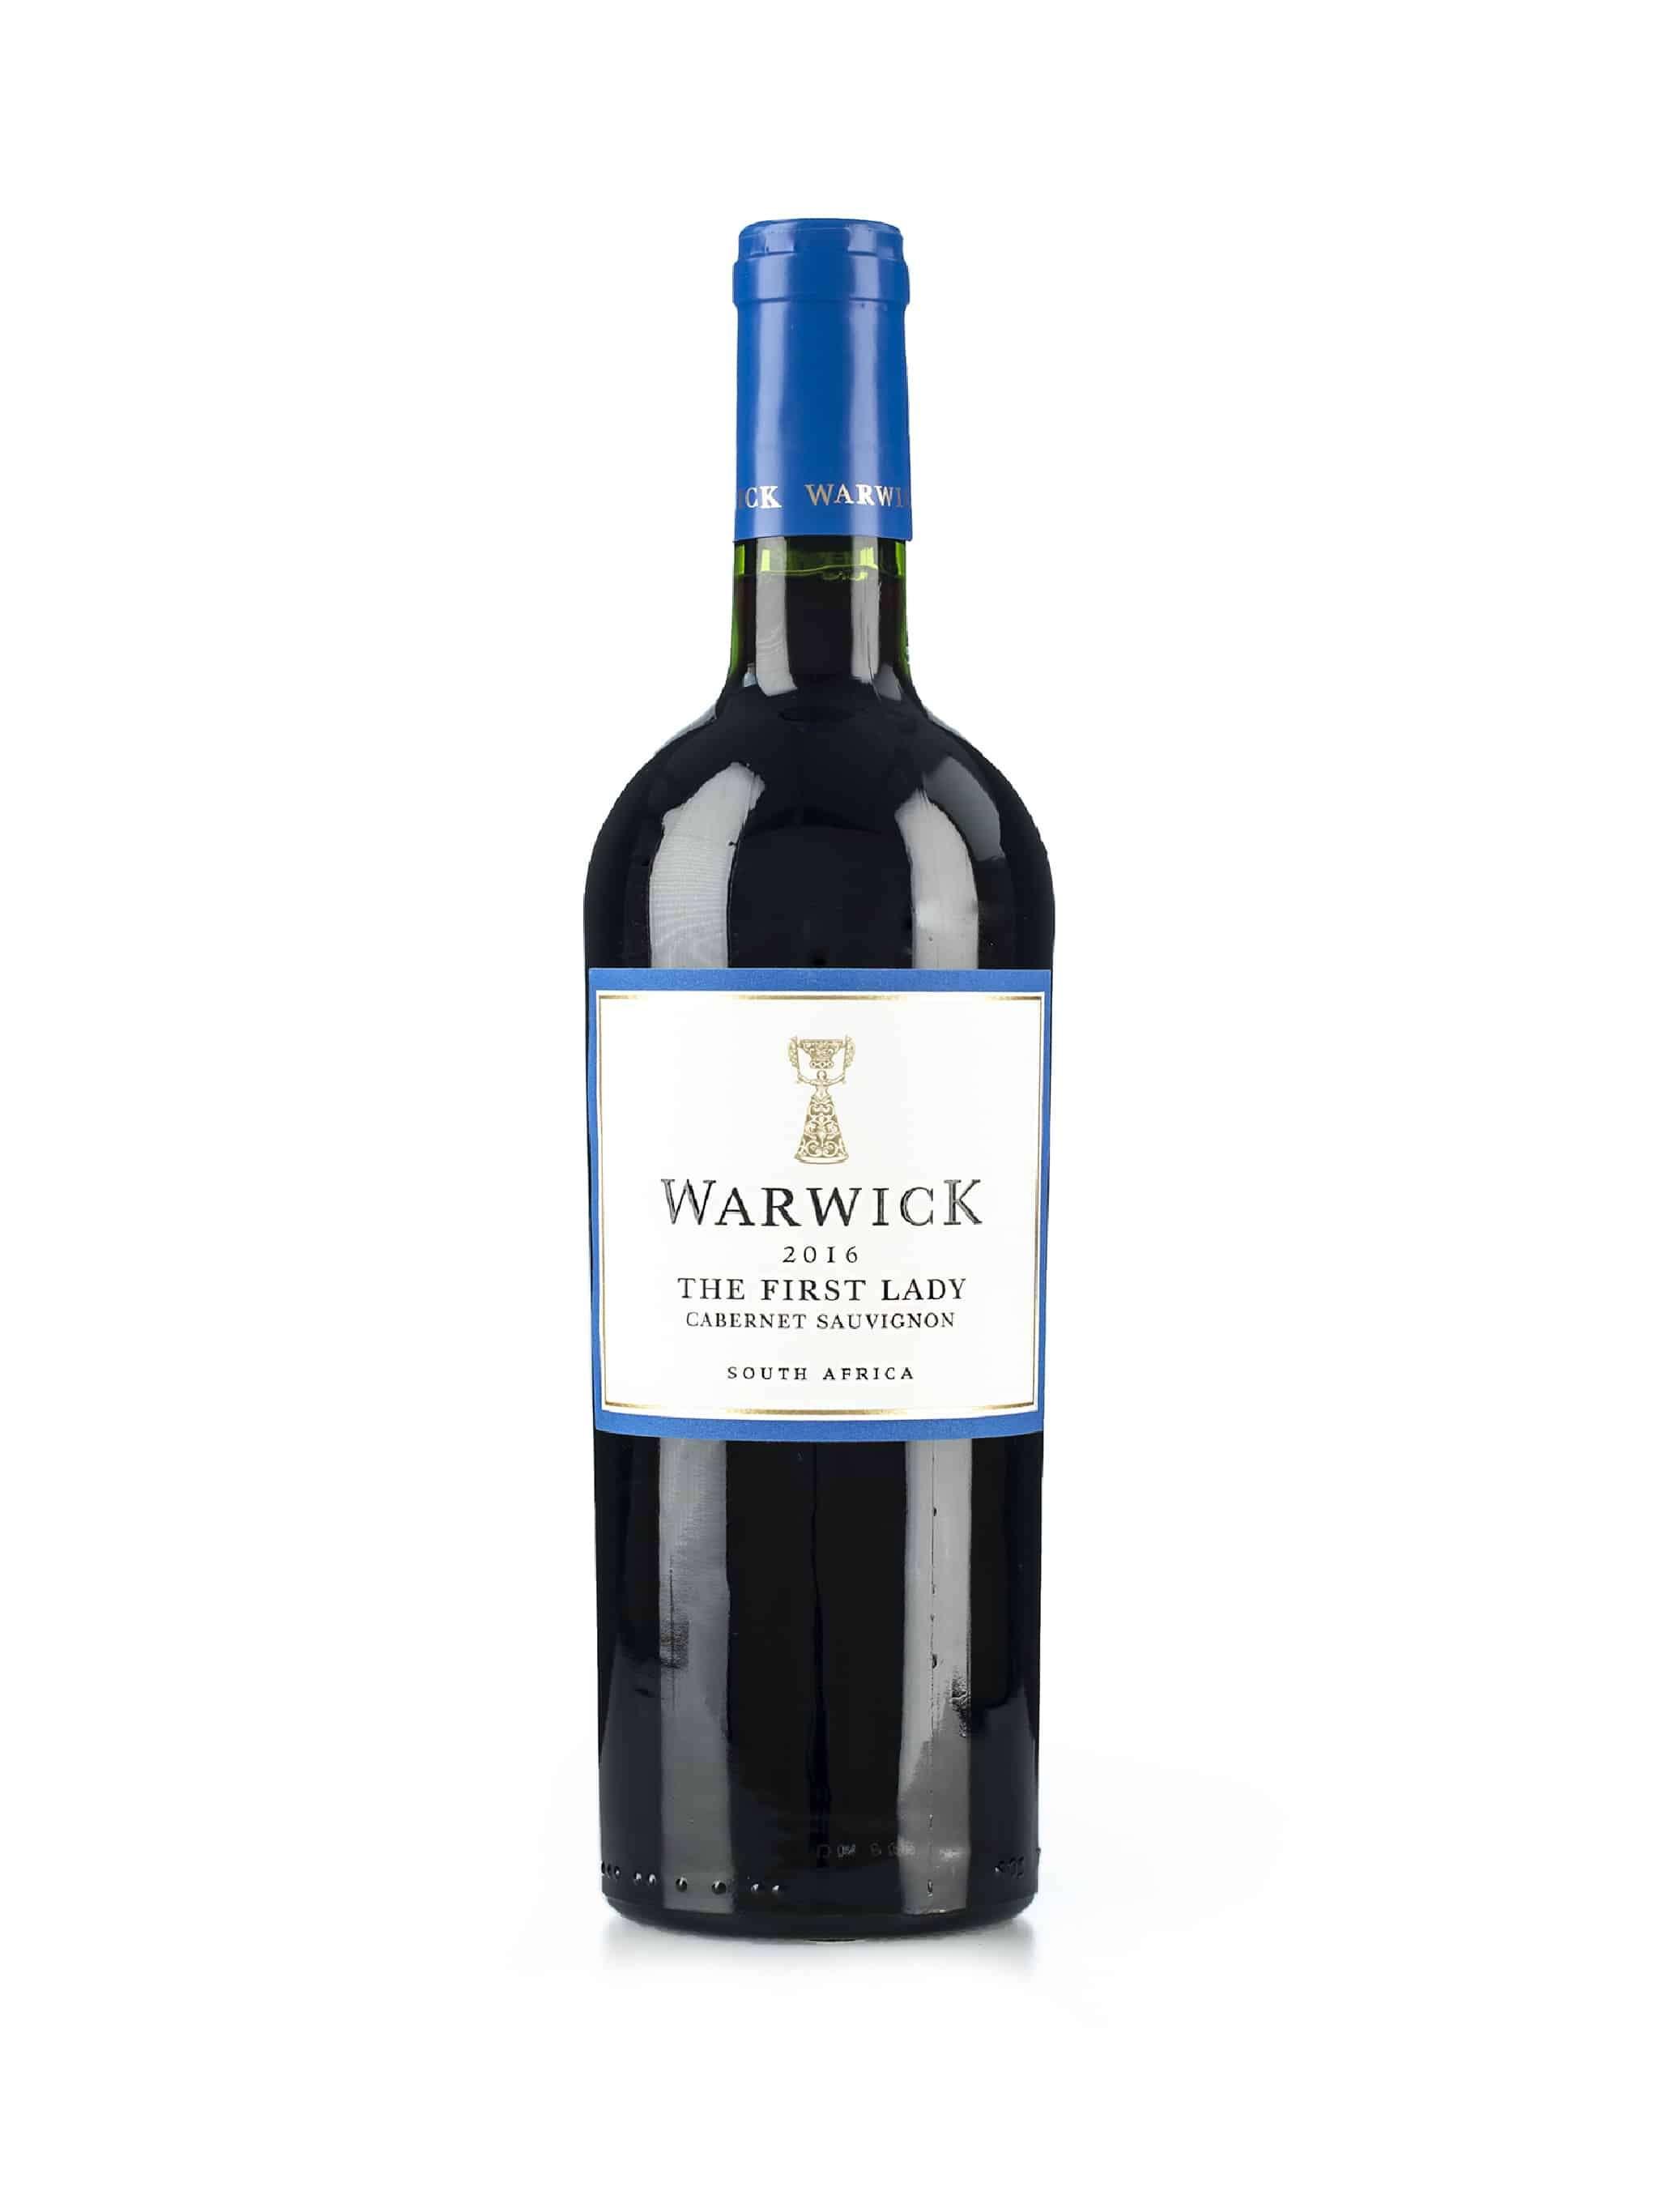 Zuid-Afrikaanse rode wijn van wijndomein Warwick: Cabernet Sauvignon First Lady